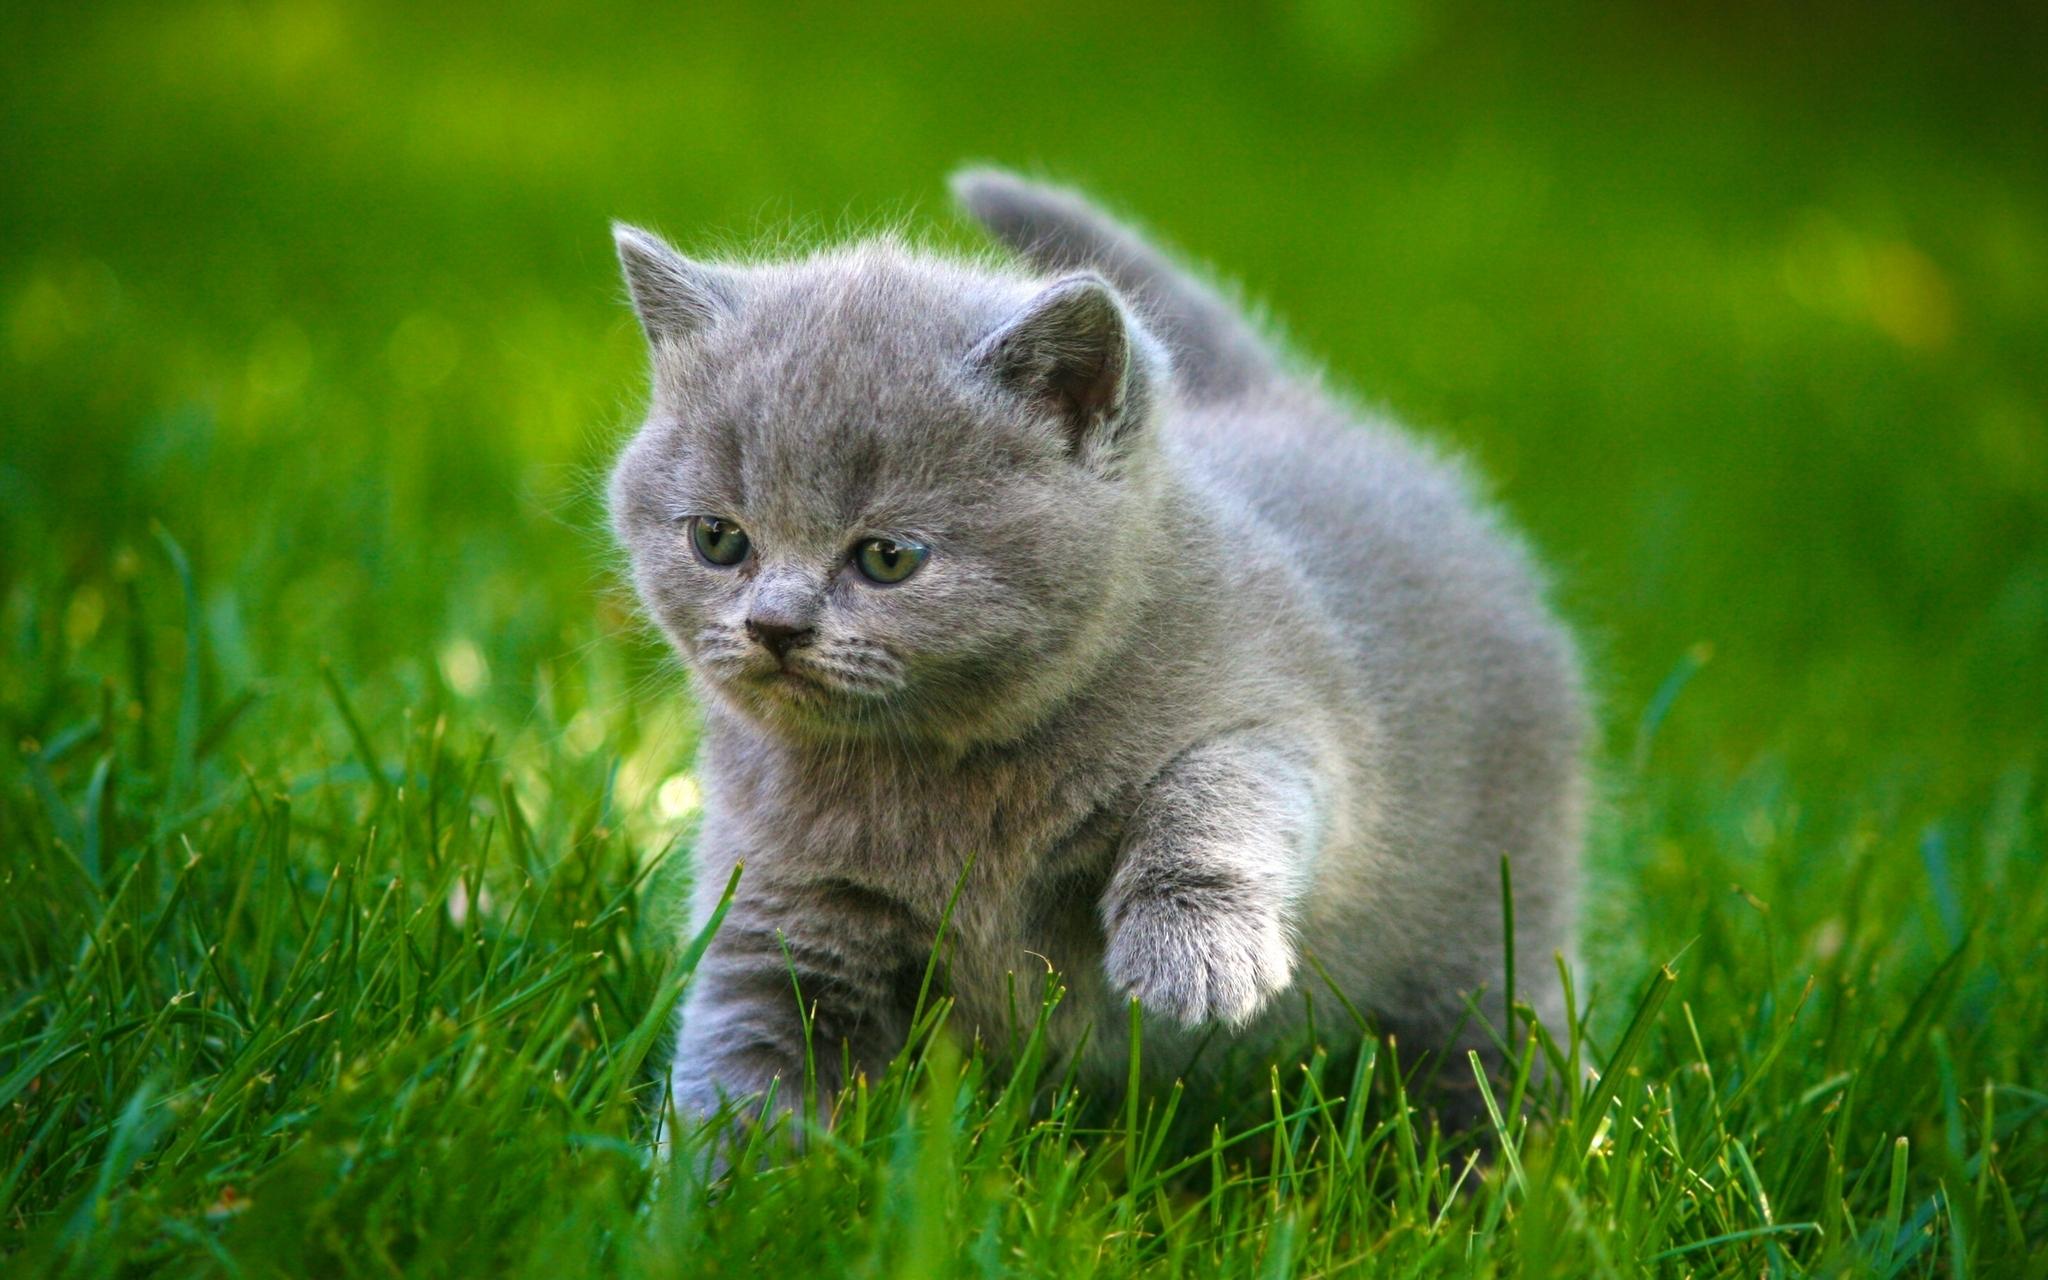 природа животные кот котенок серый журавлики nature animals cat kitten grey cranes  № 654640 бесплатно